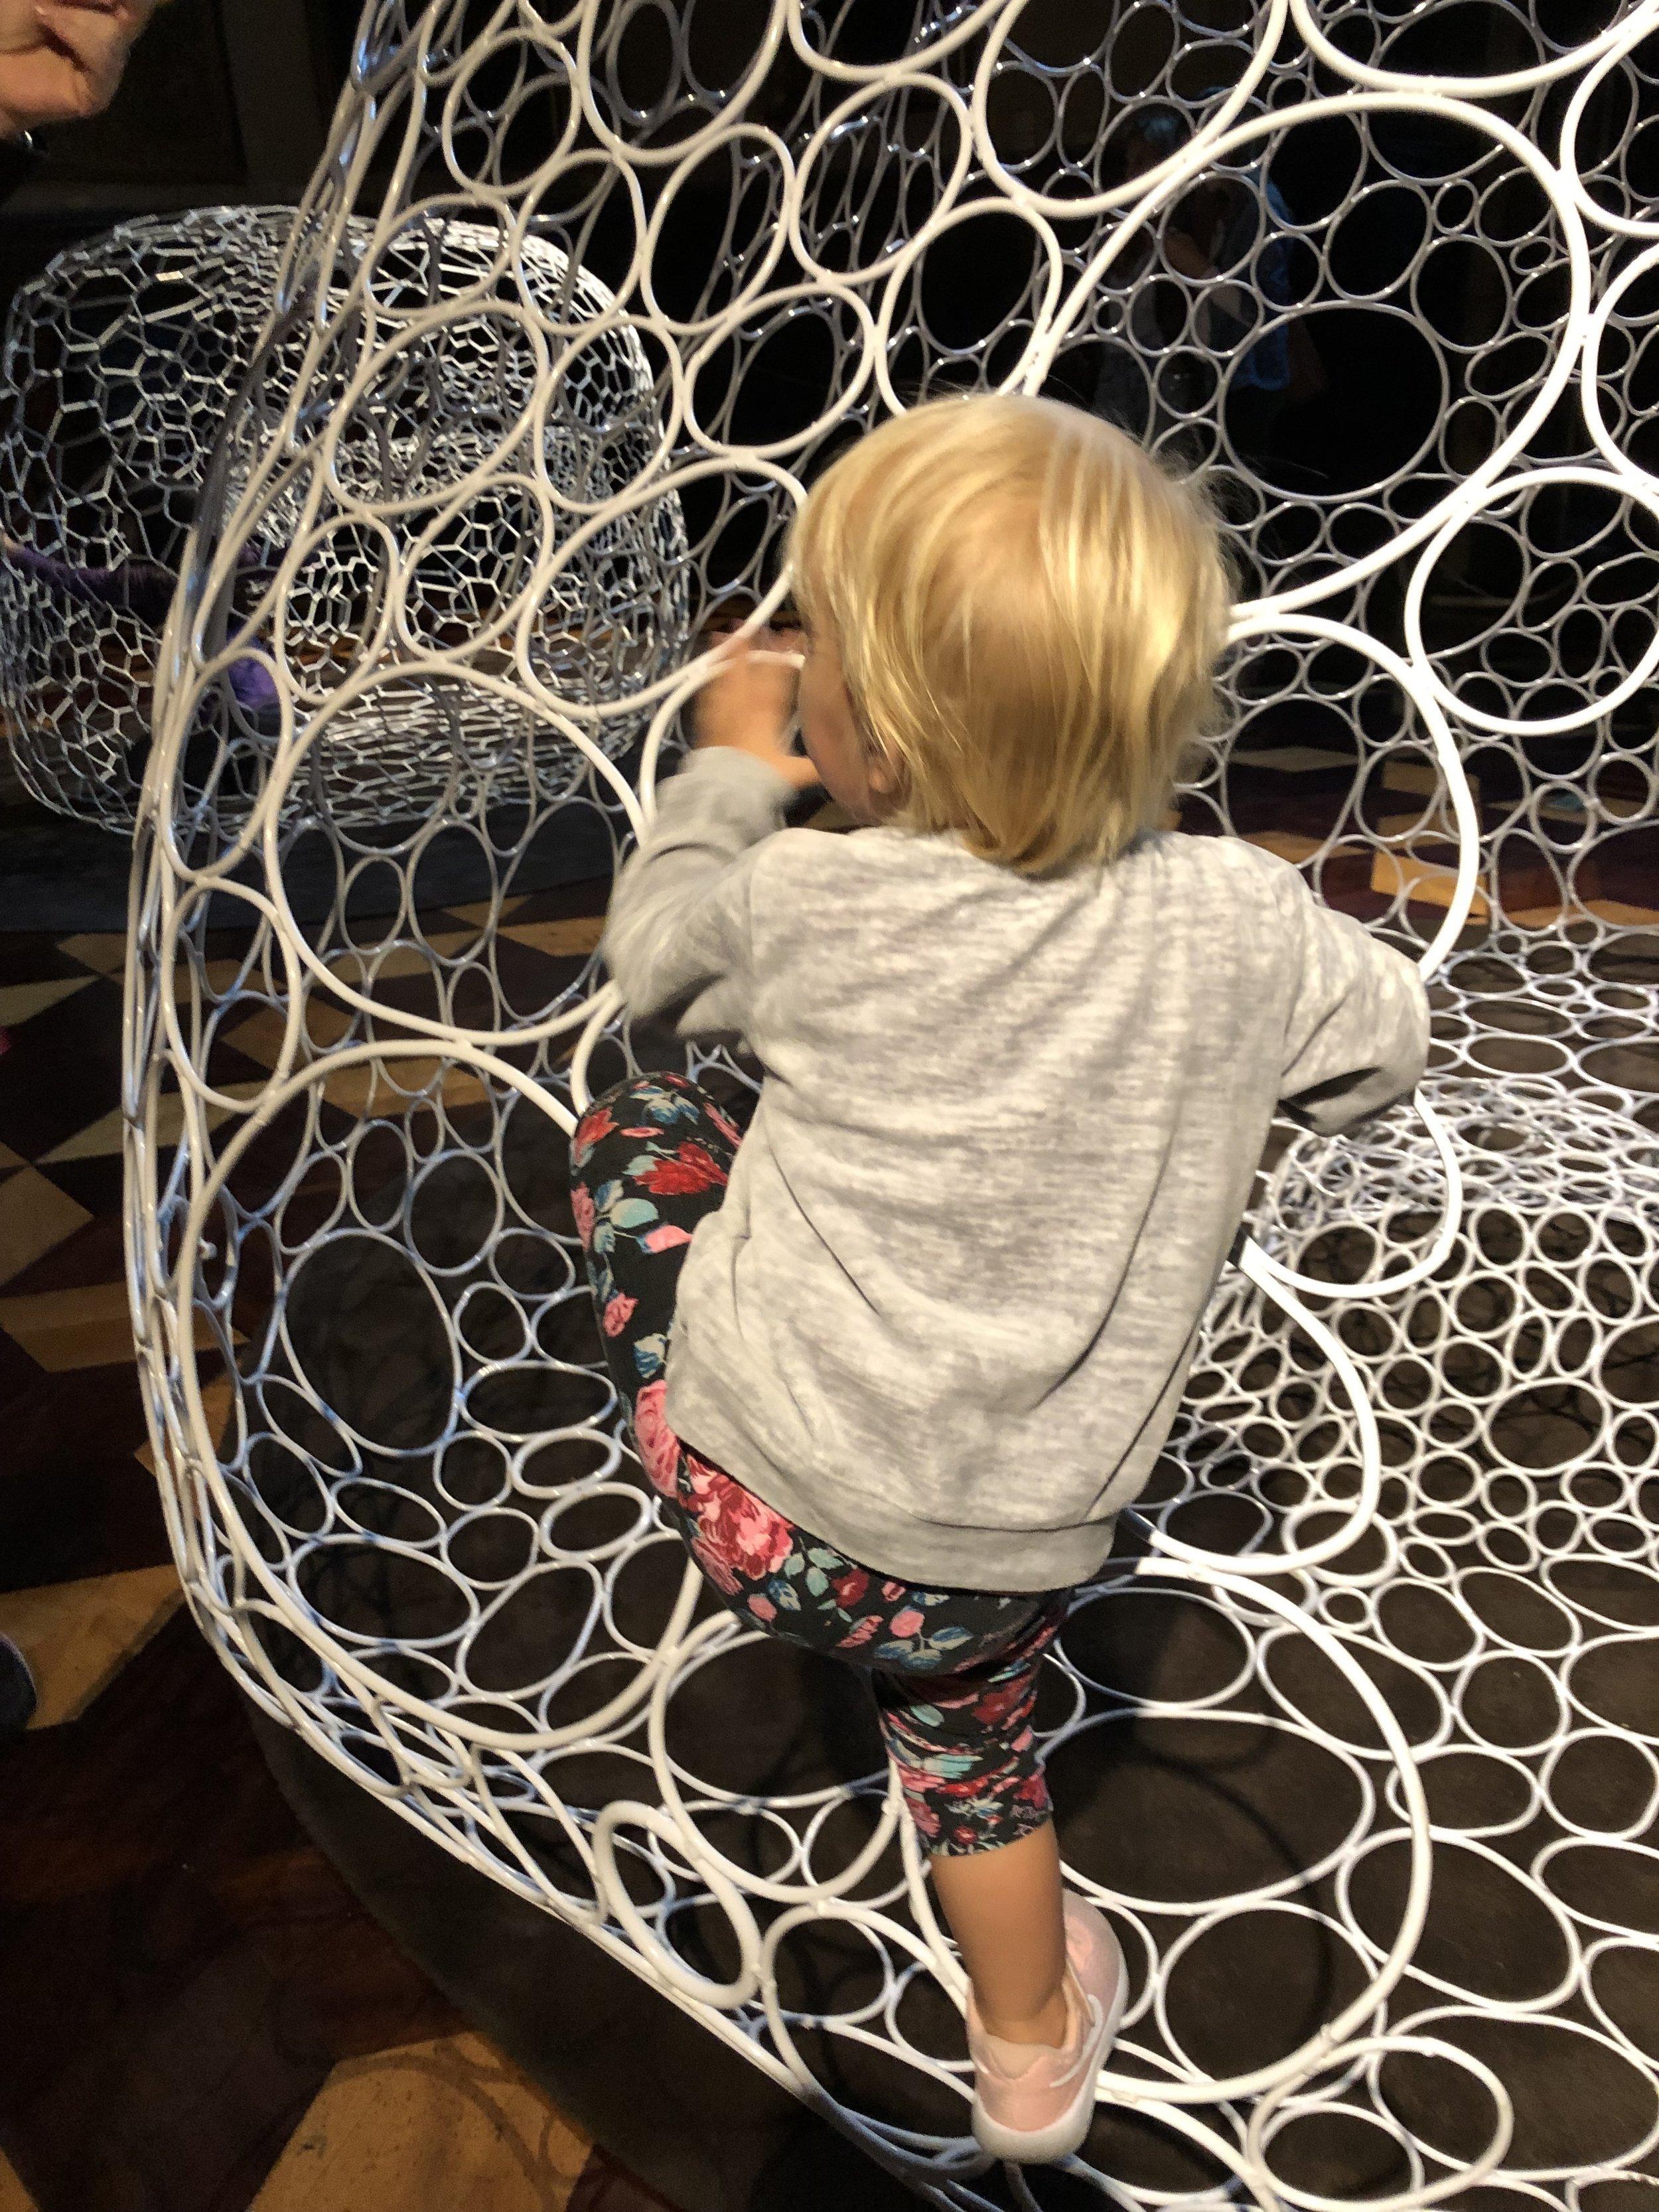 Climbing the art at Museo del Arte Decorativo